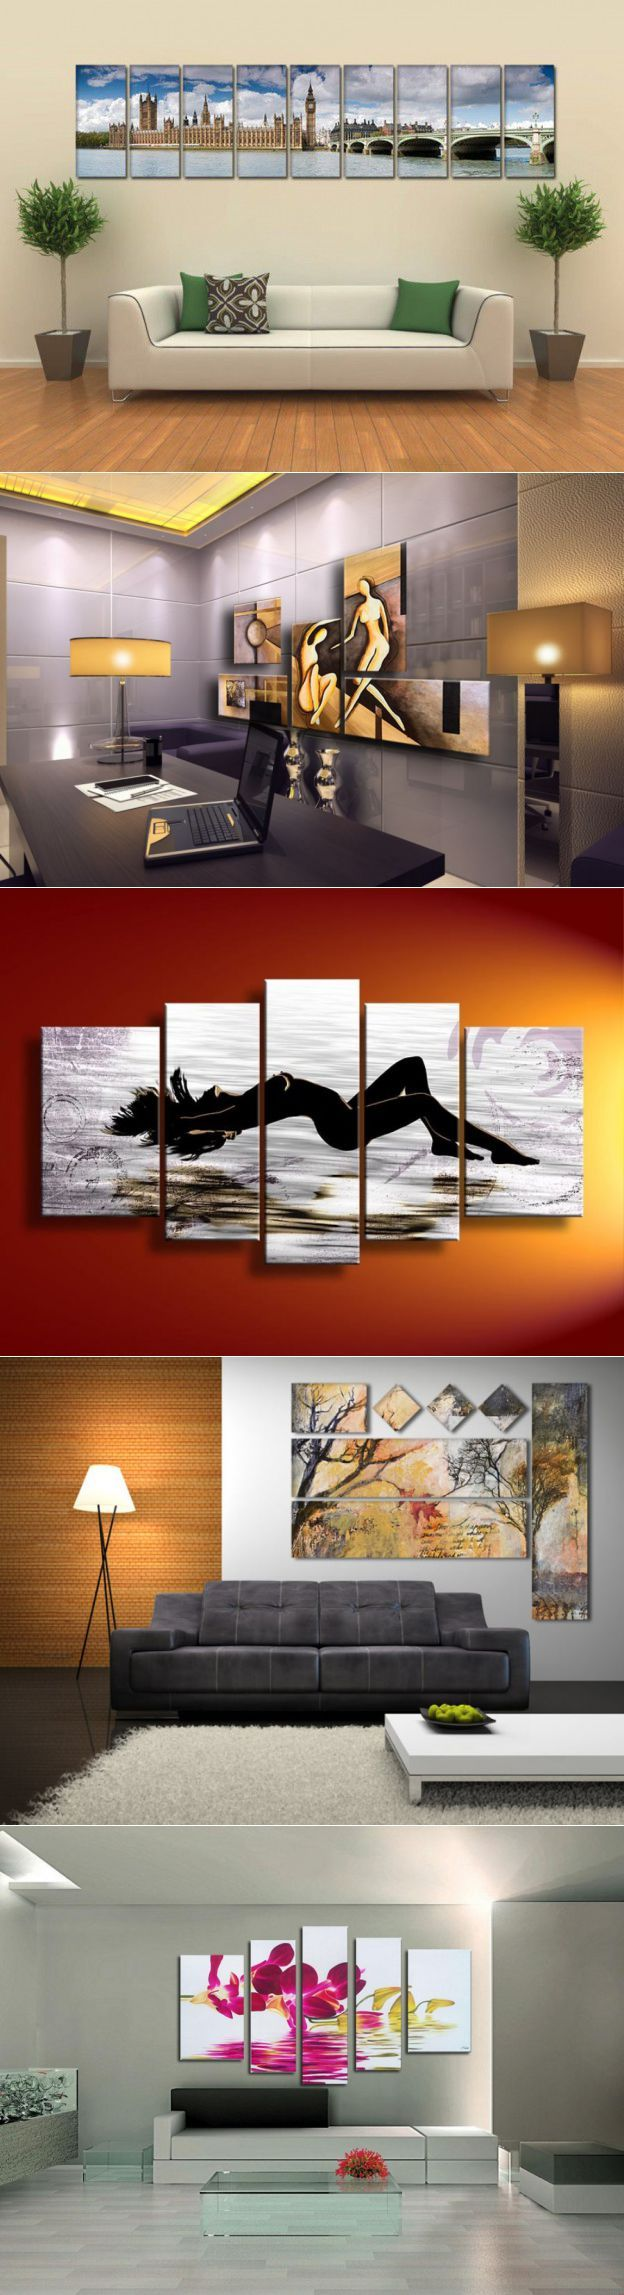 Картины для интерьера - модульные, своими руками, в гостиной, абстракц� | Дом_Уют_Цветы_Ремонт_Декор | Постила